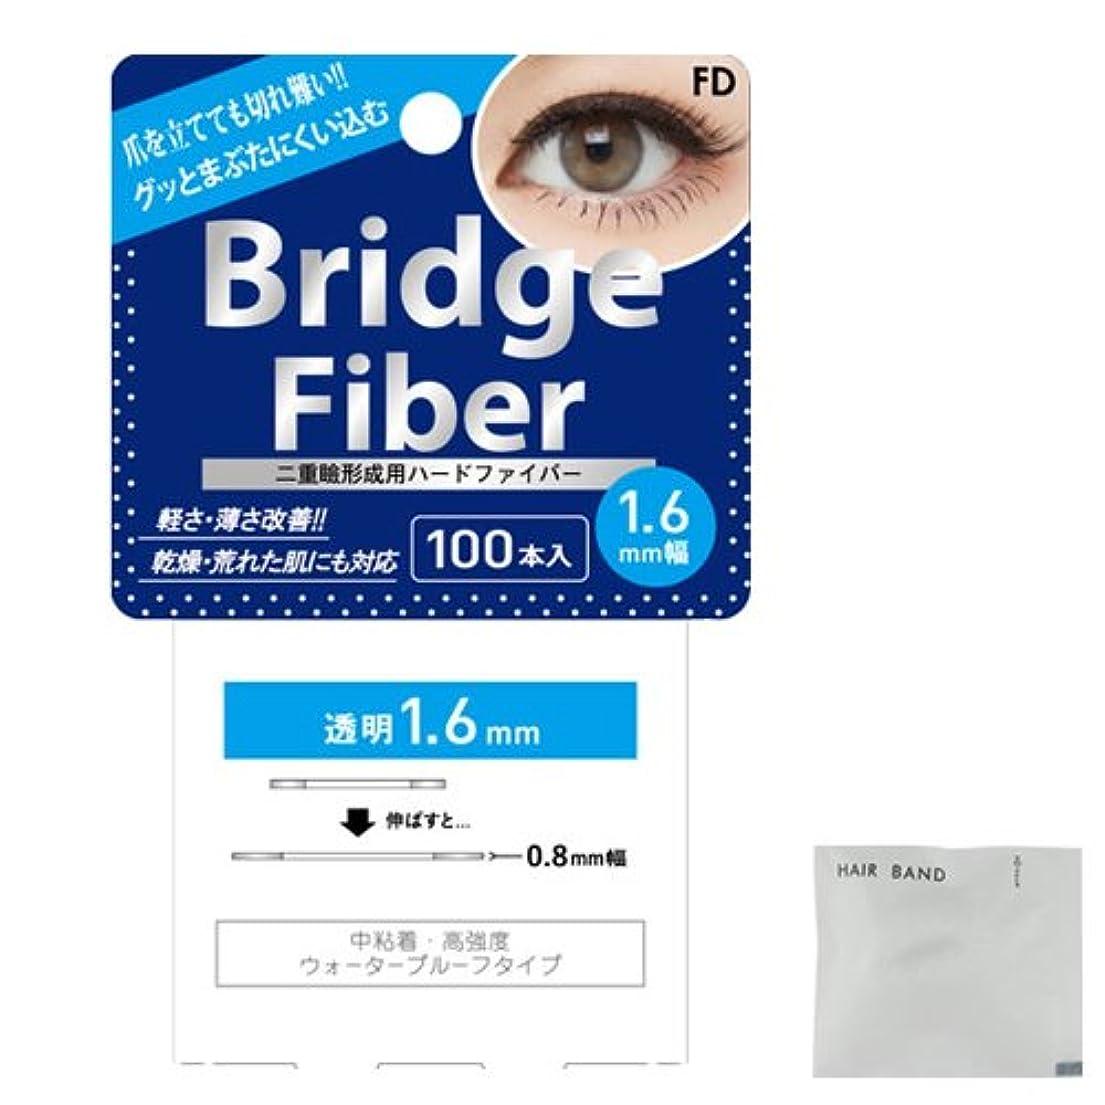 差し迫ったいつリストFD ブリッジファイバーⅡ (Bridge Fiber) クリア1.6mm + ヘアゴム(カラーはおまかせ)セット